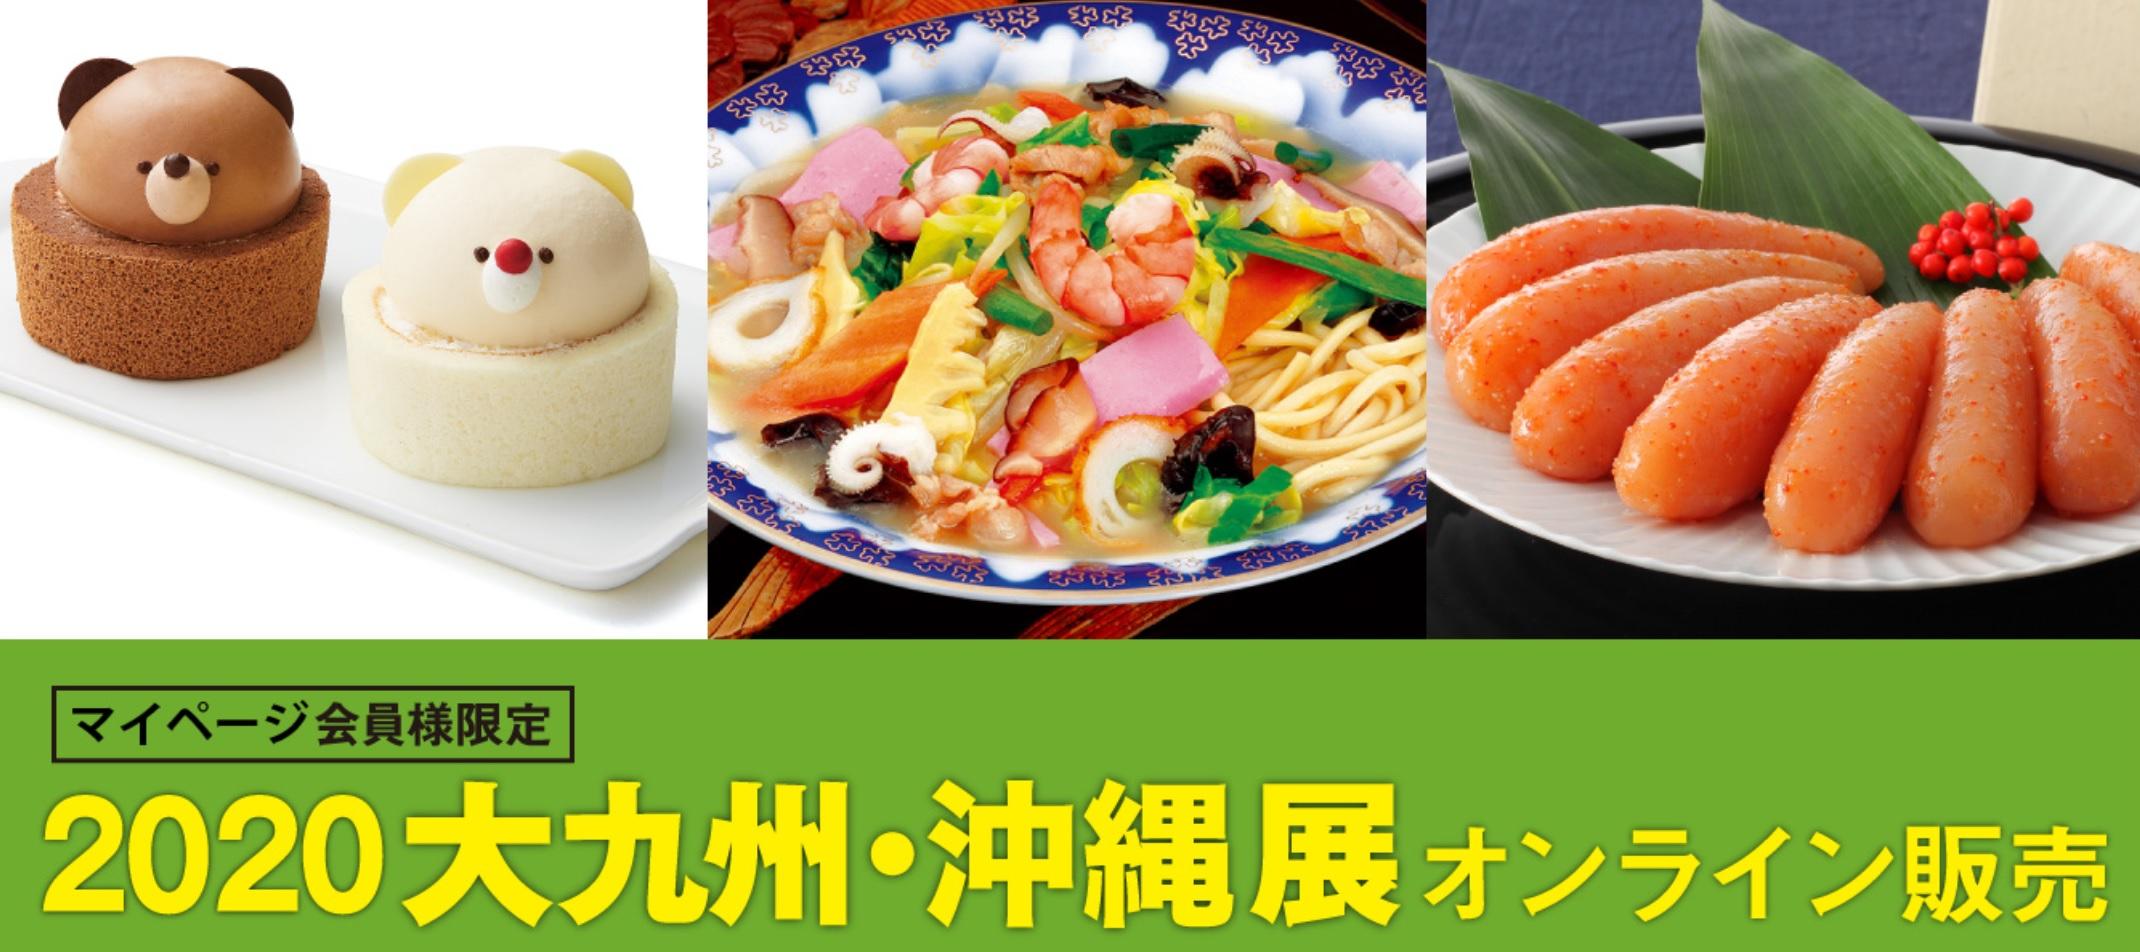 オンライン大九州・沖縄展を開催